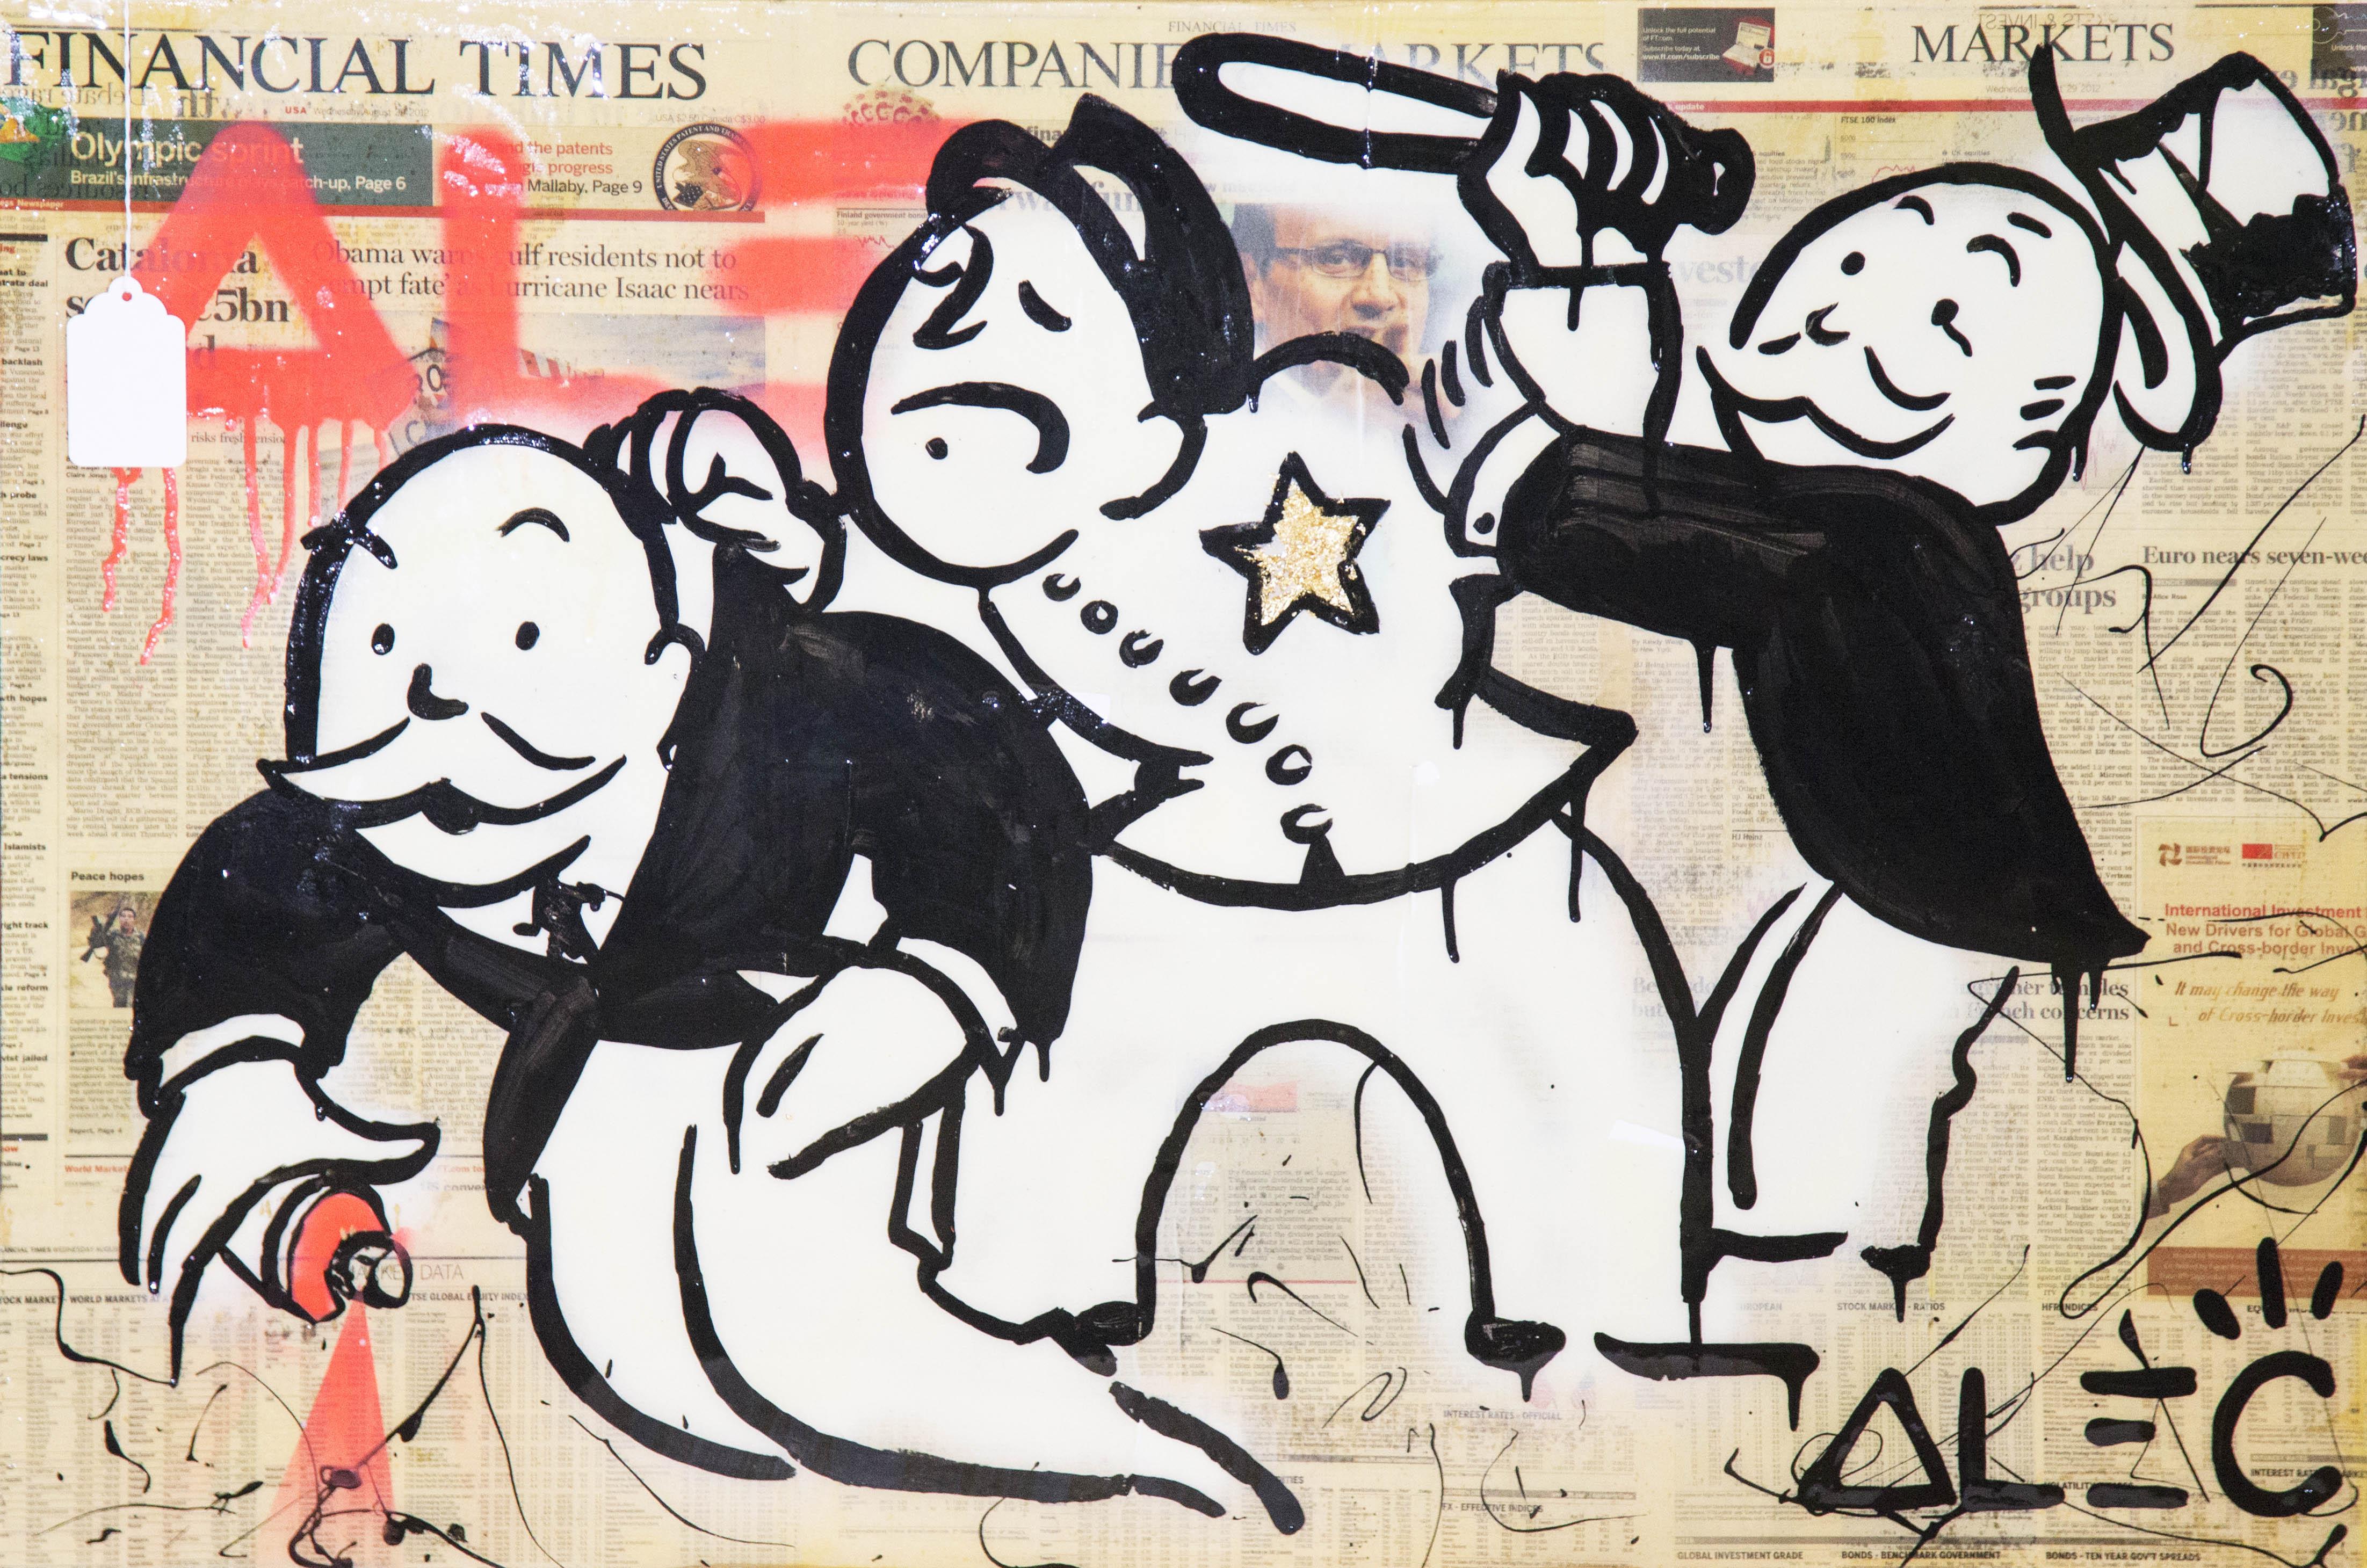 Bobby Monopoly by Alec Monopoly